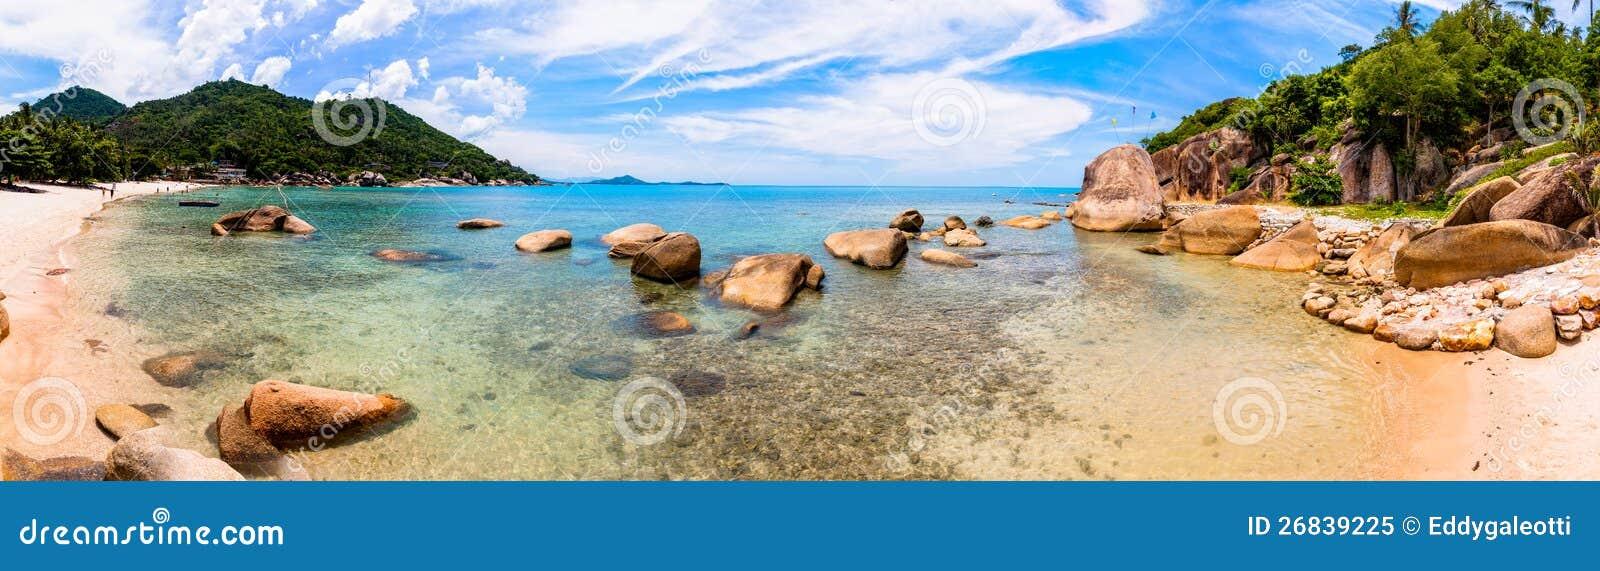 Spiaggia tropicale in KOH Samui, Tailandia